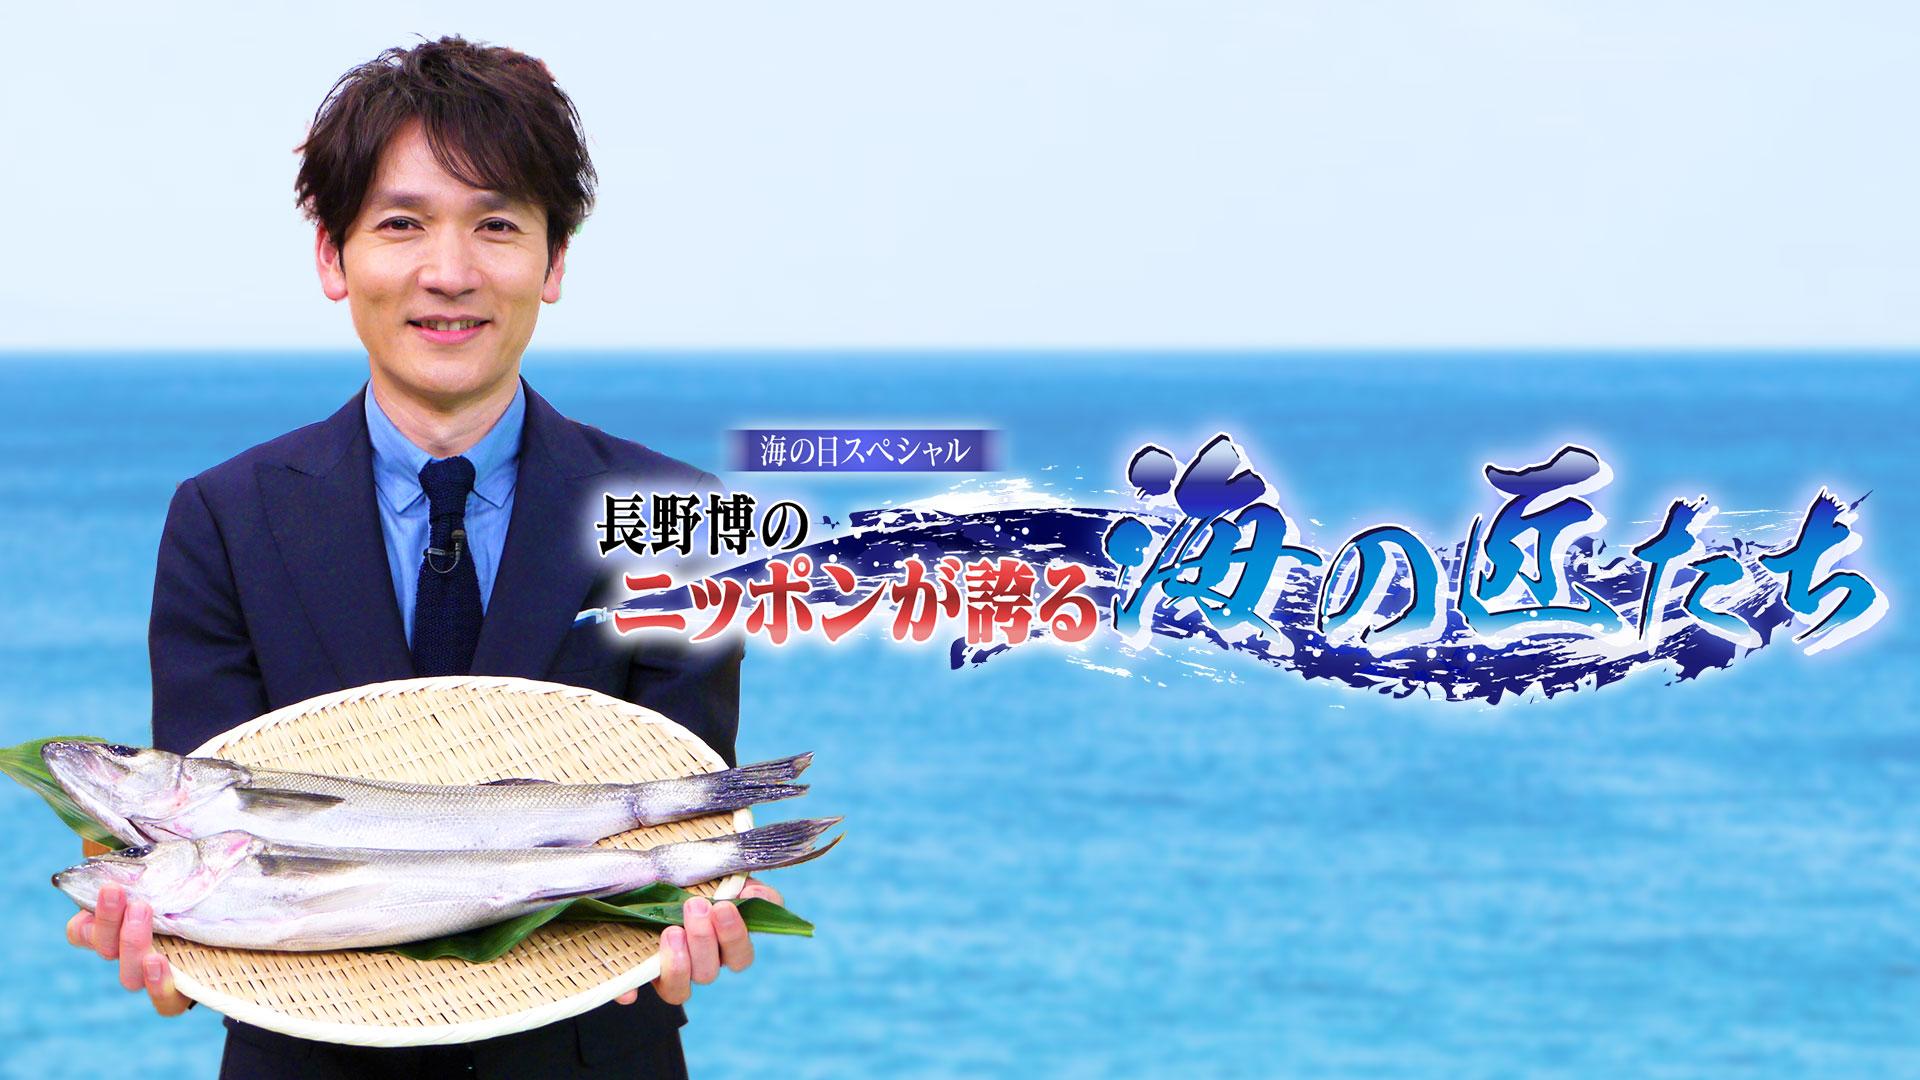 海の日スペシャル長野博のニッポンが誇る海の匠たち